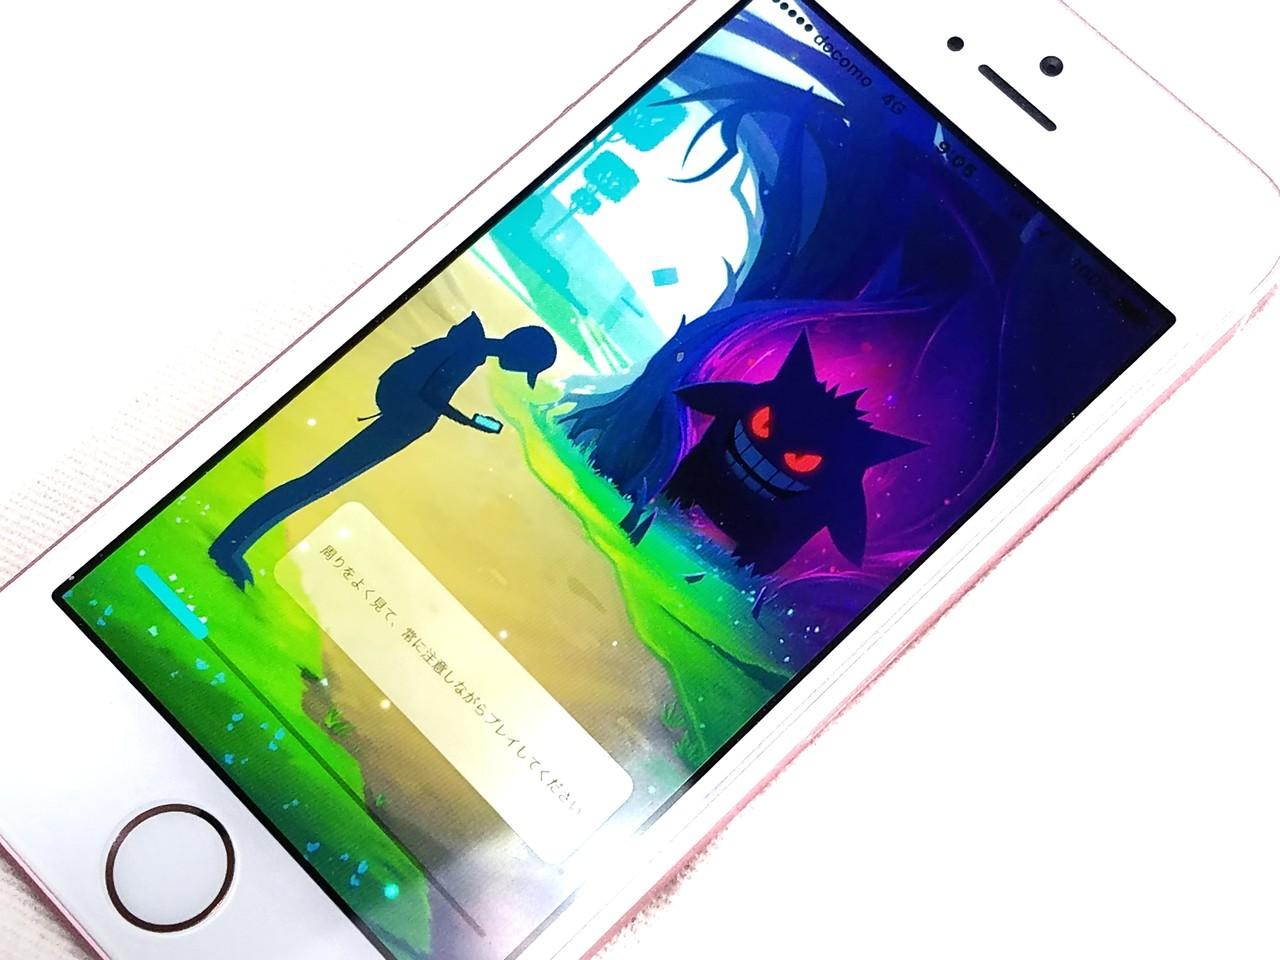 スマホなど向け人気ゲーム「pokemon go」がhalloweenキャンペーンを10